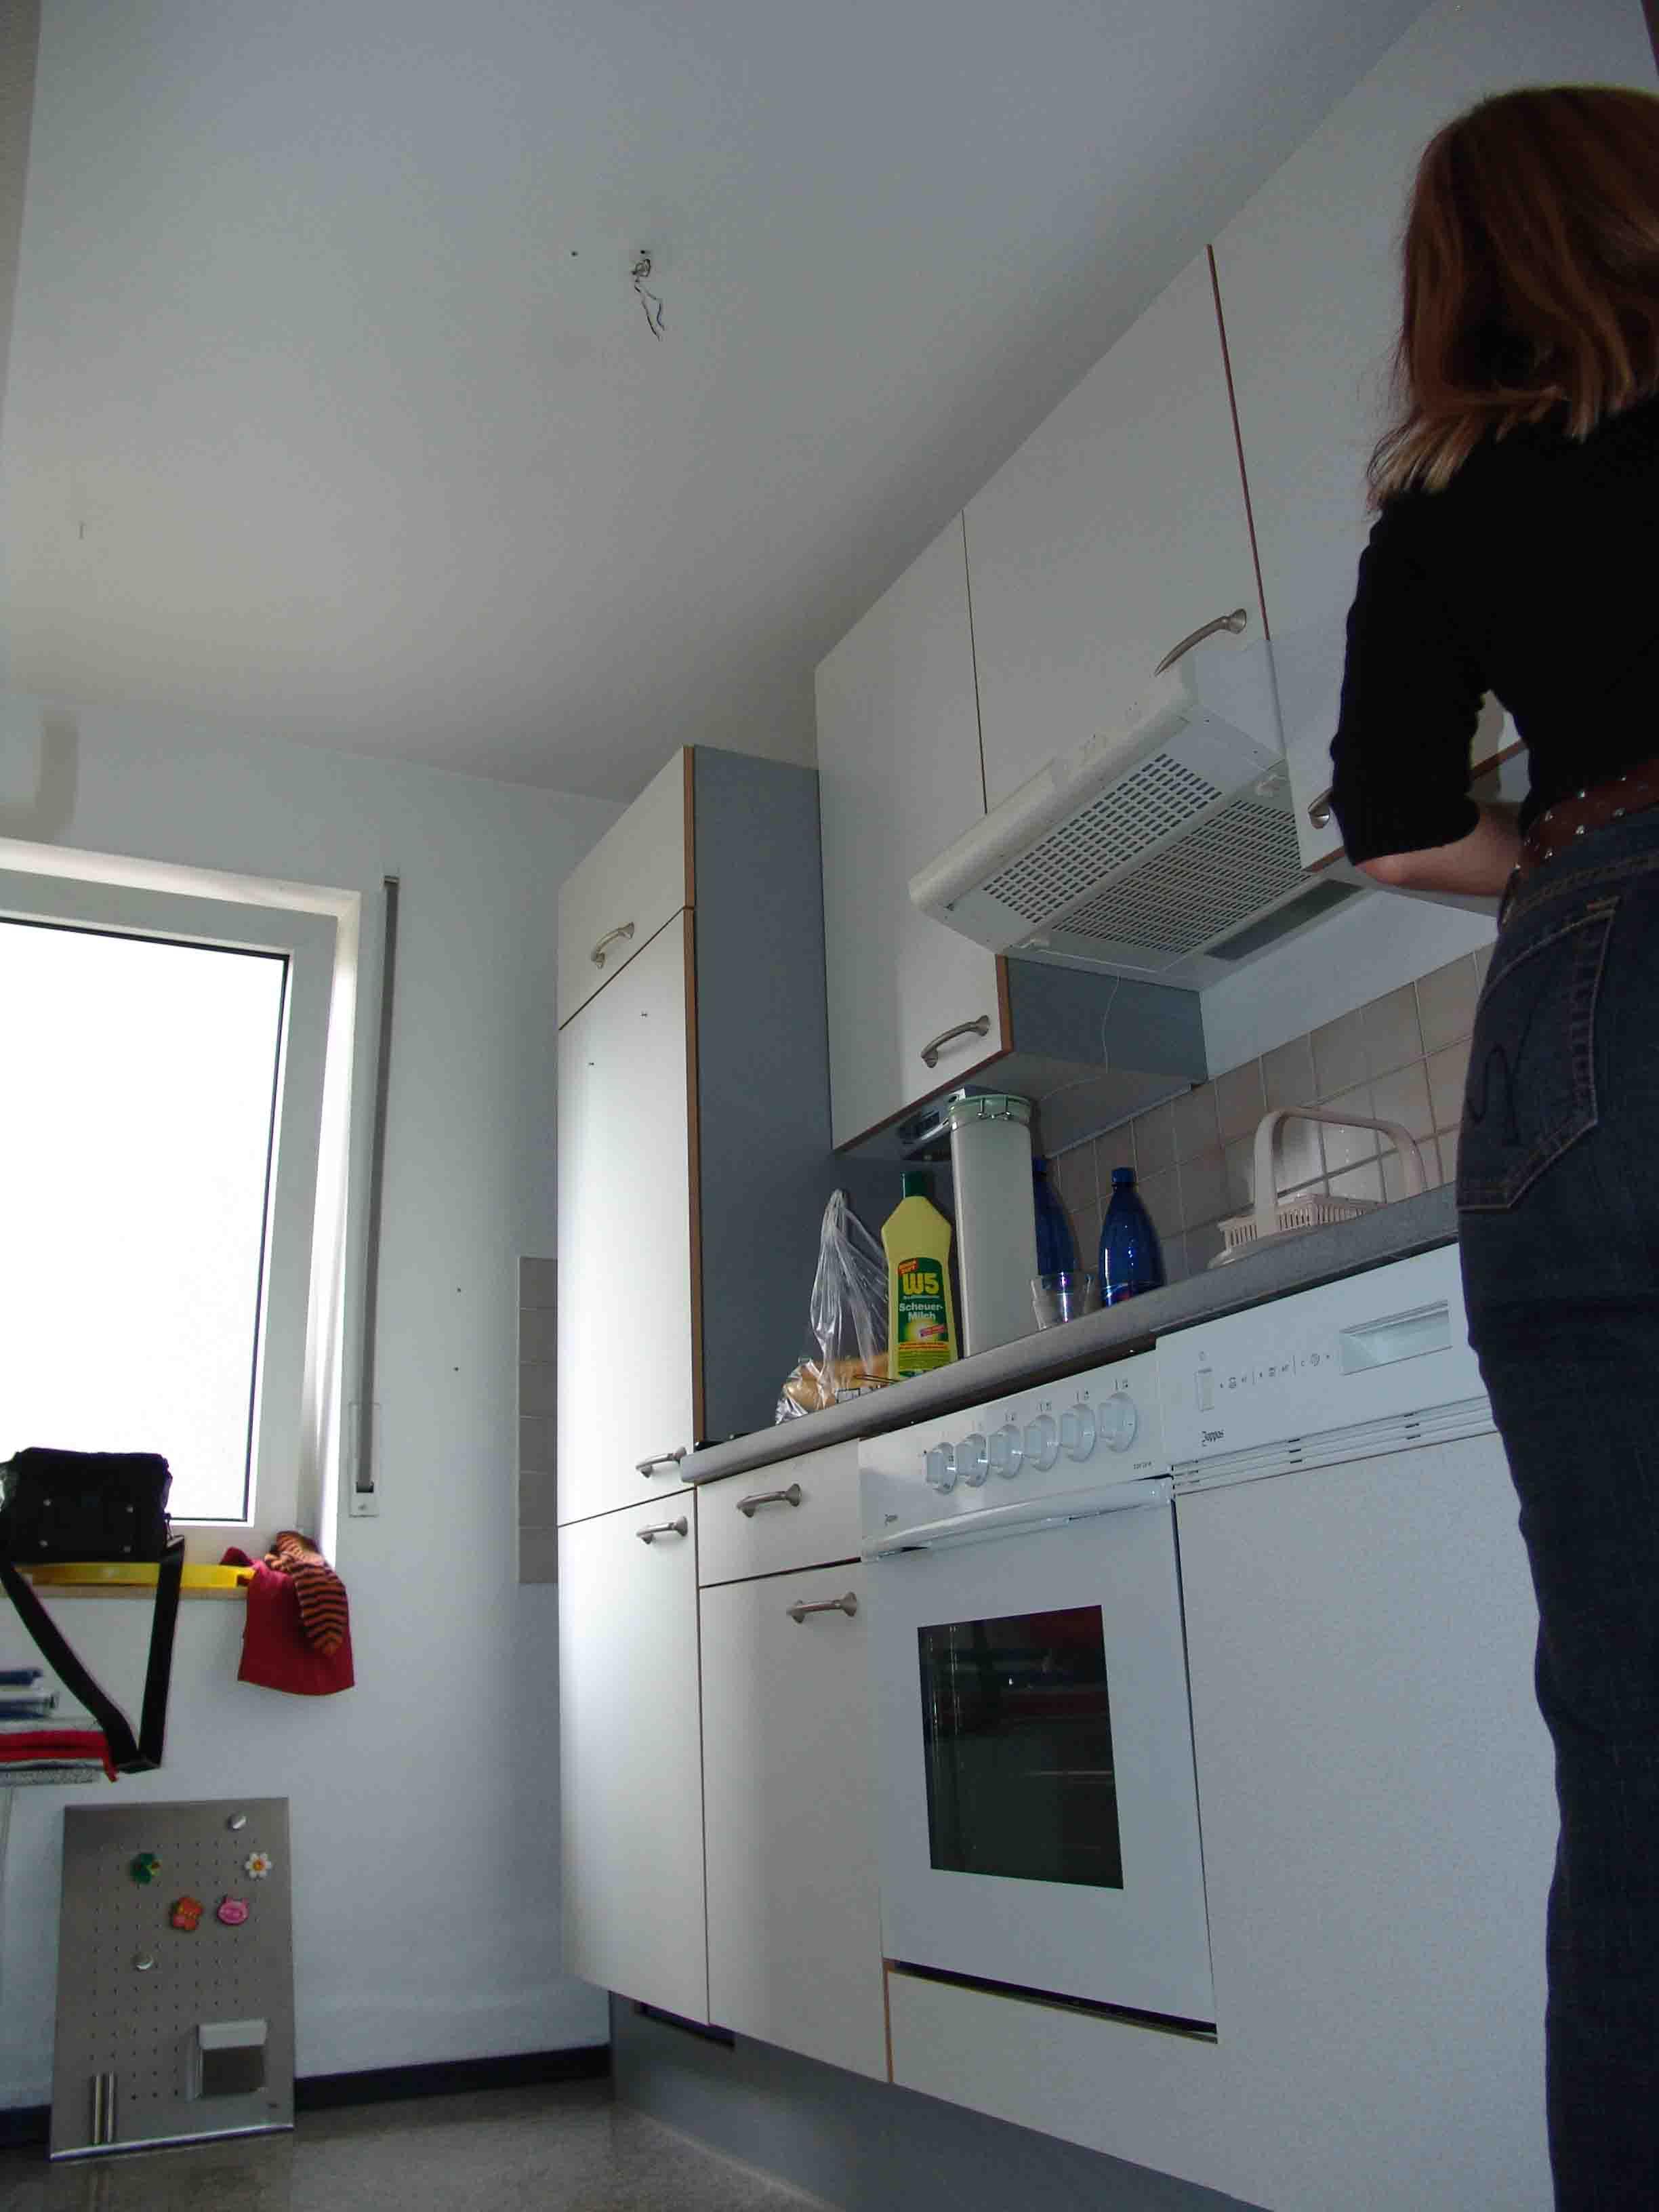 Wohnung mieten waldstadt wohnungen suchen wohnungen for Wohnung suchen mieten